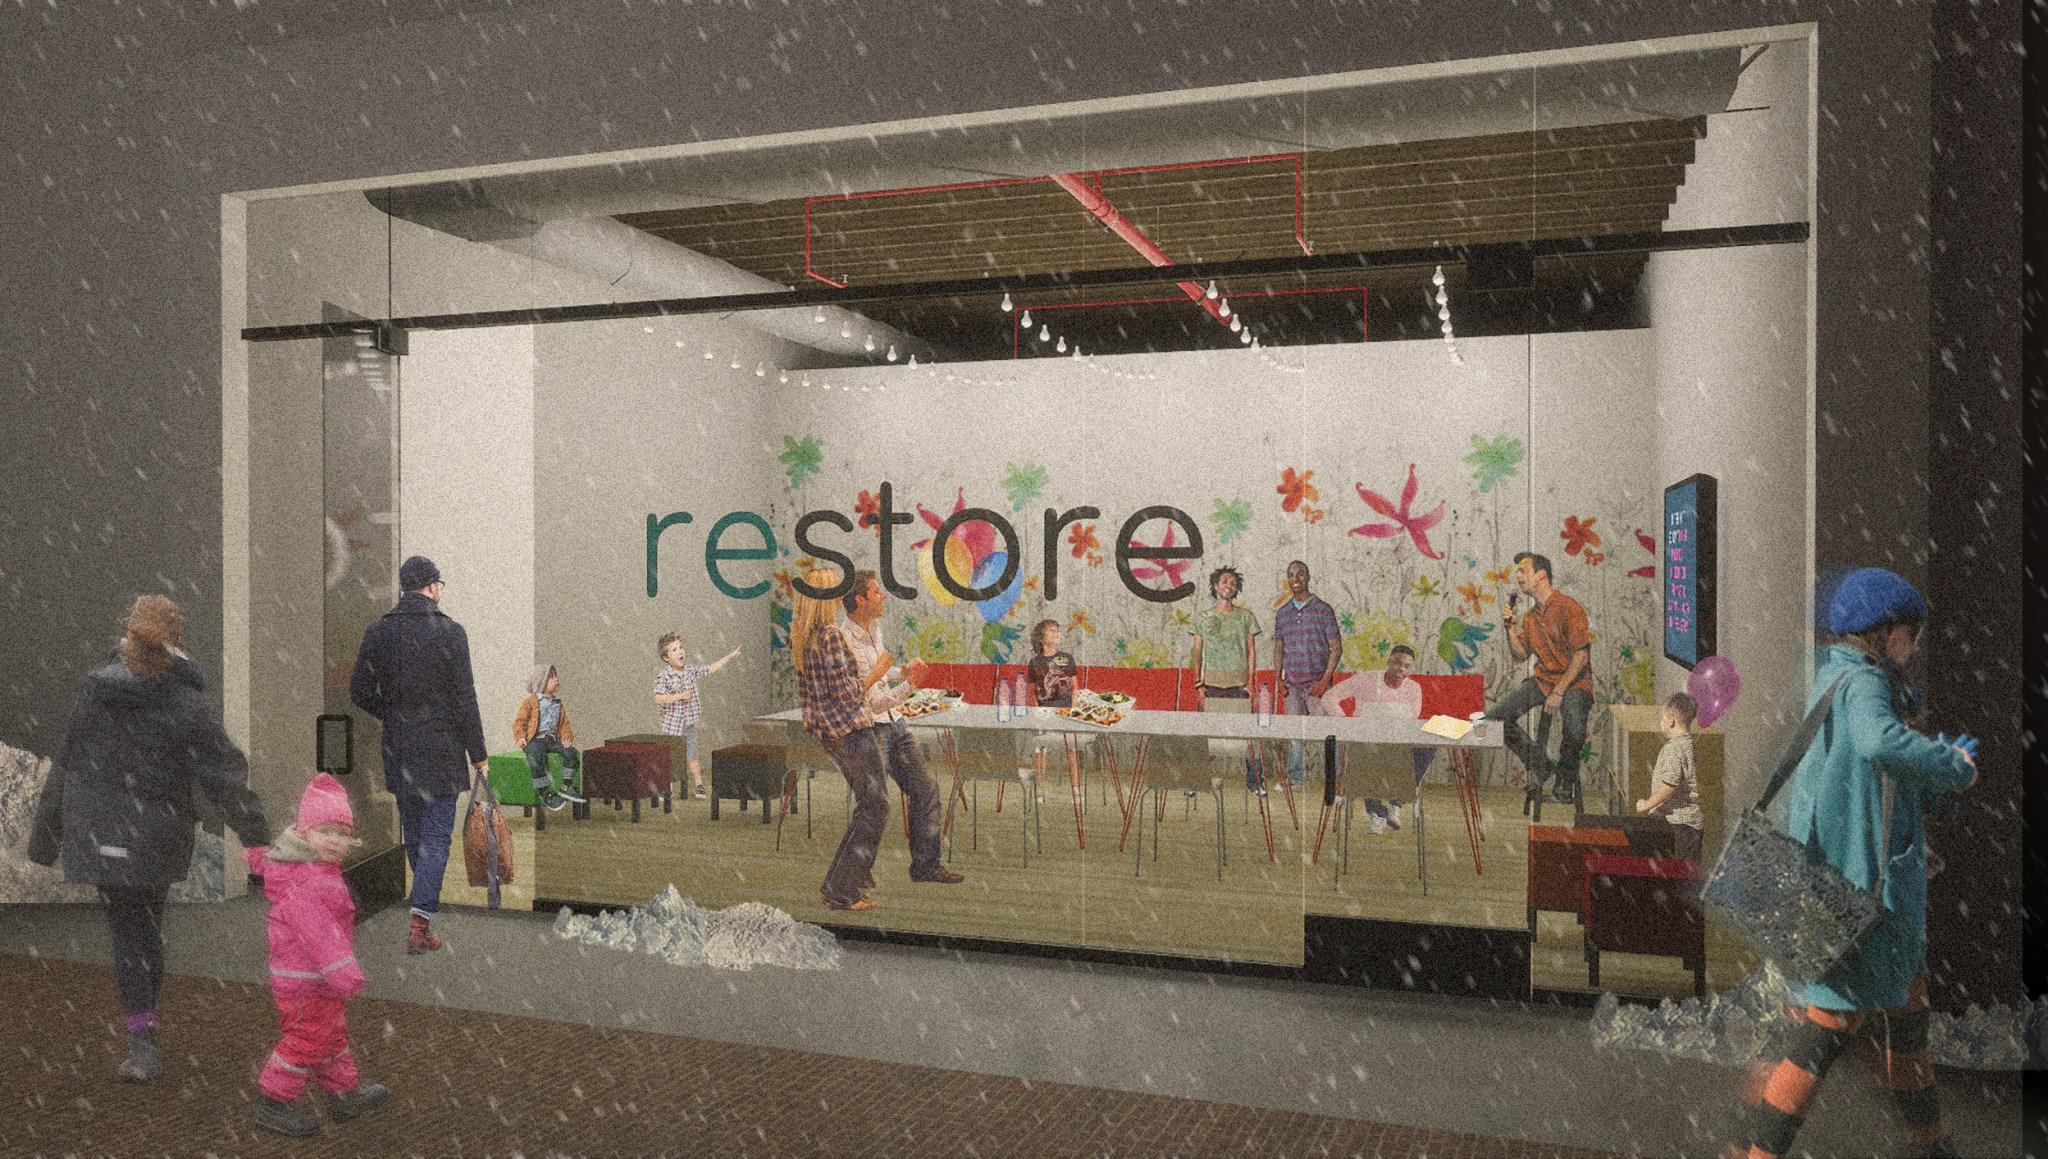 RESTORE rendering